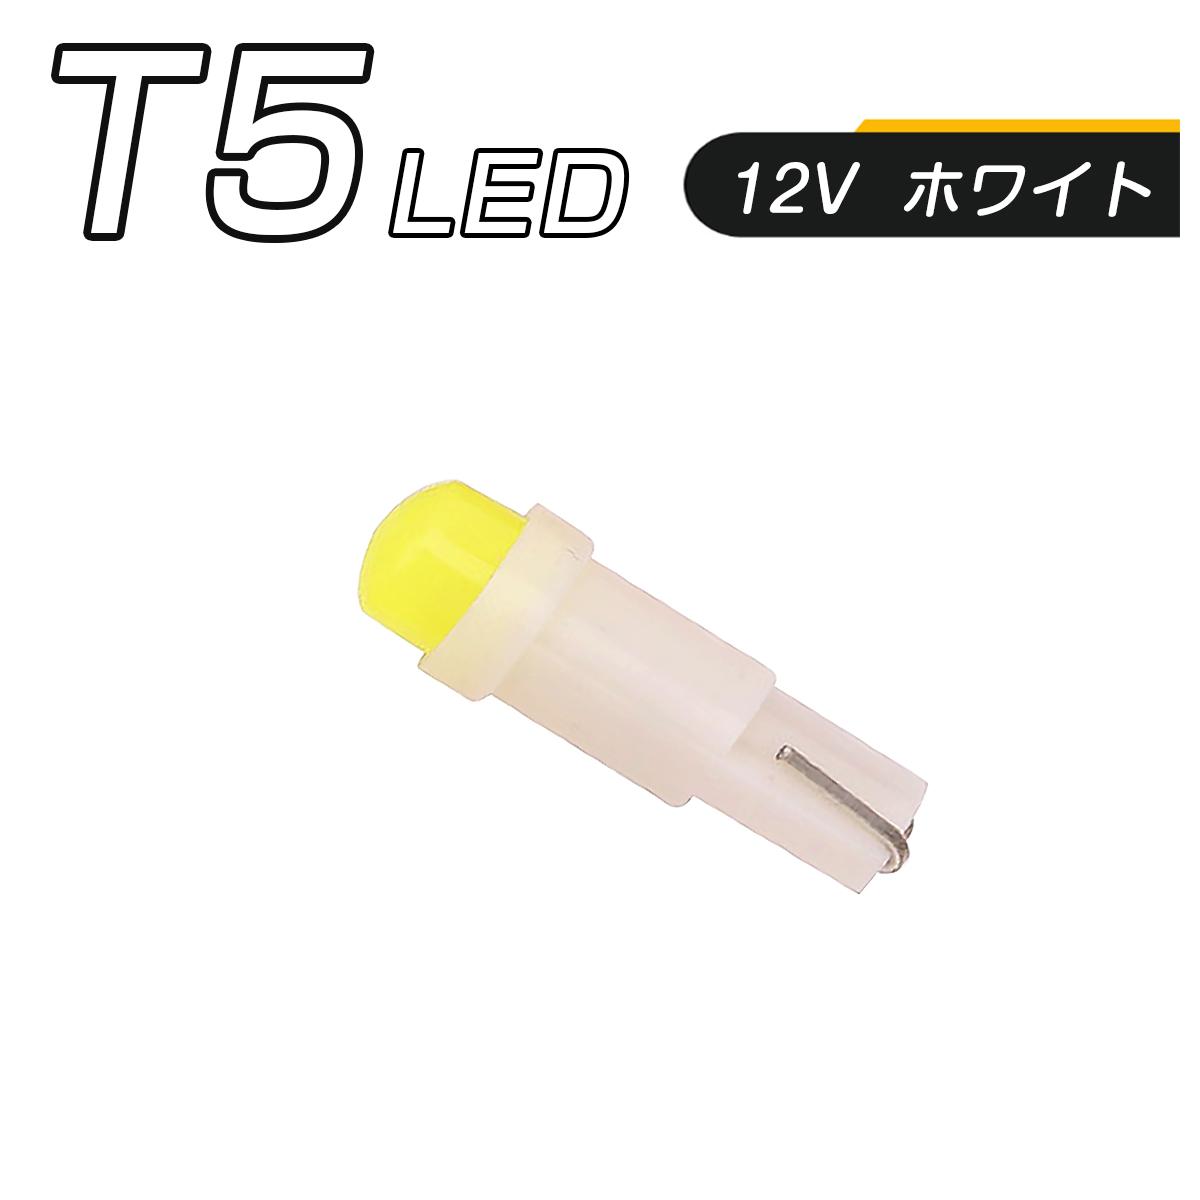 MAZDA アテンザ H24.11~# GJ ルームリア[T5] LED T5 白 メーター球 1個売り 1ヶ月保証